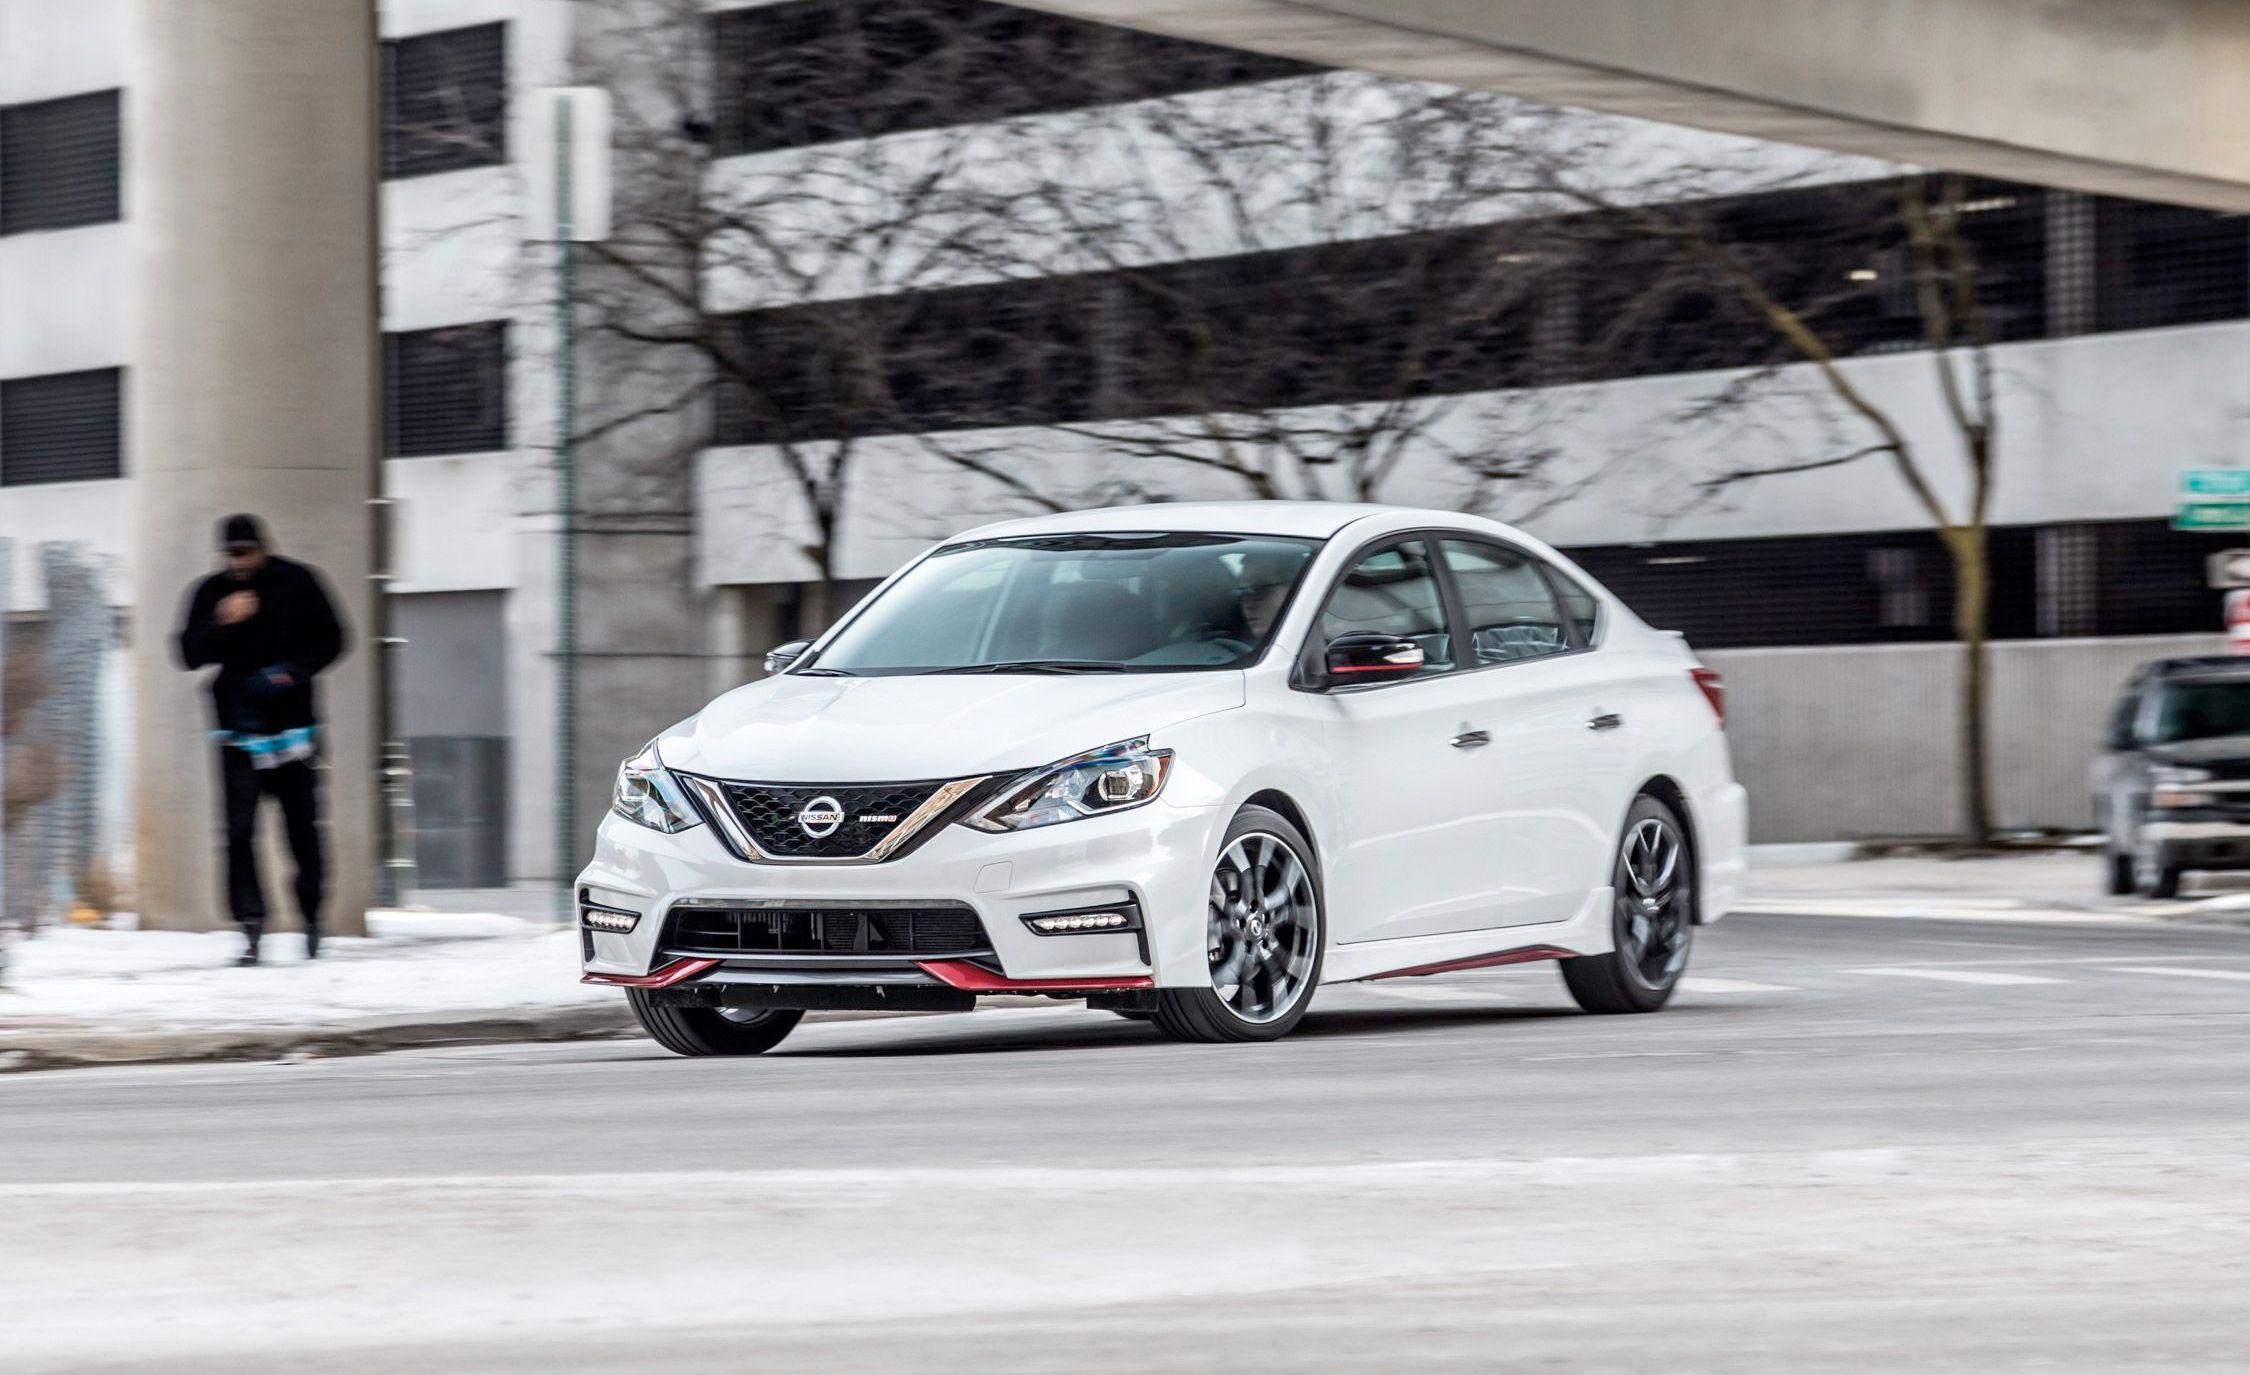 Nissan Sentra Nismo Reviews Price Photos And Almera Black Specs Car Driver